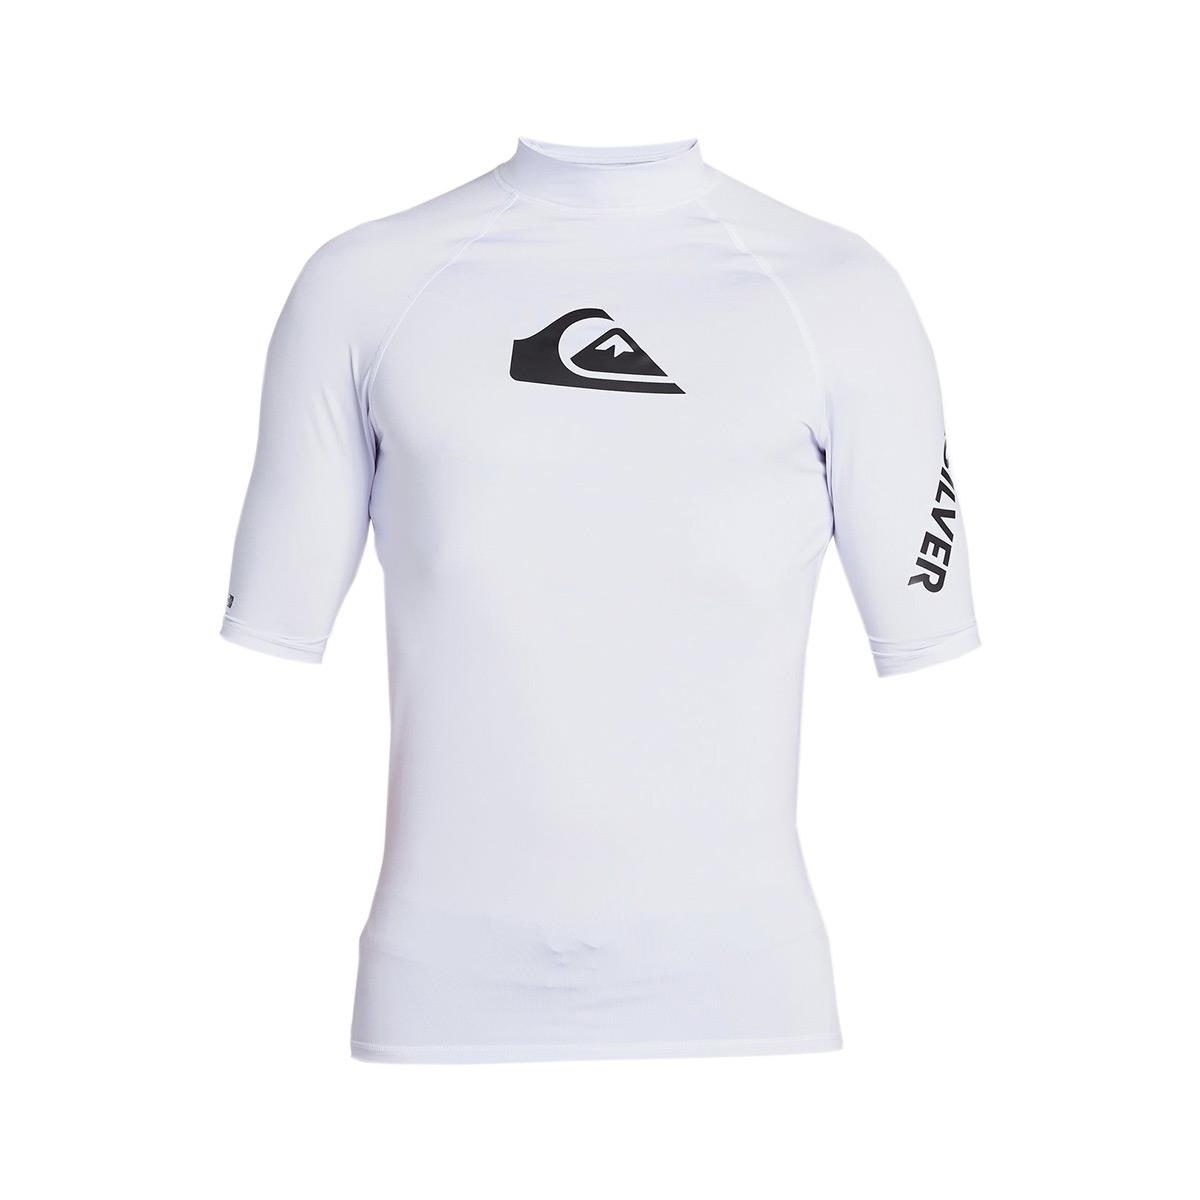 Quiksilver ALLTIMSS M SFSH T-Shirt EQYWR03228-WBB0